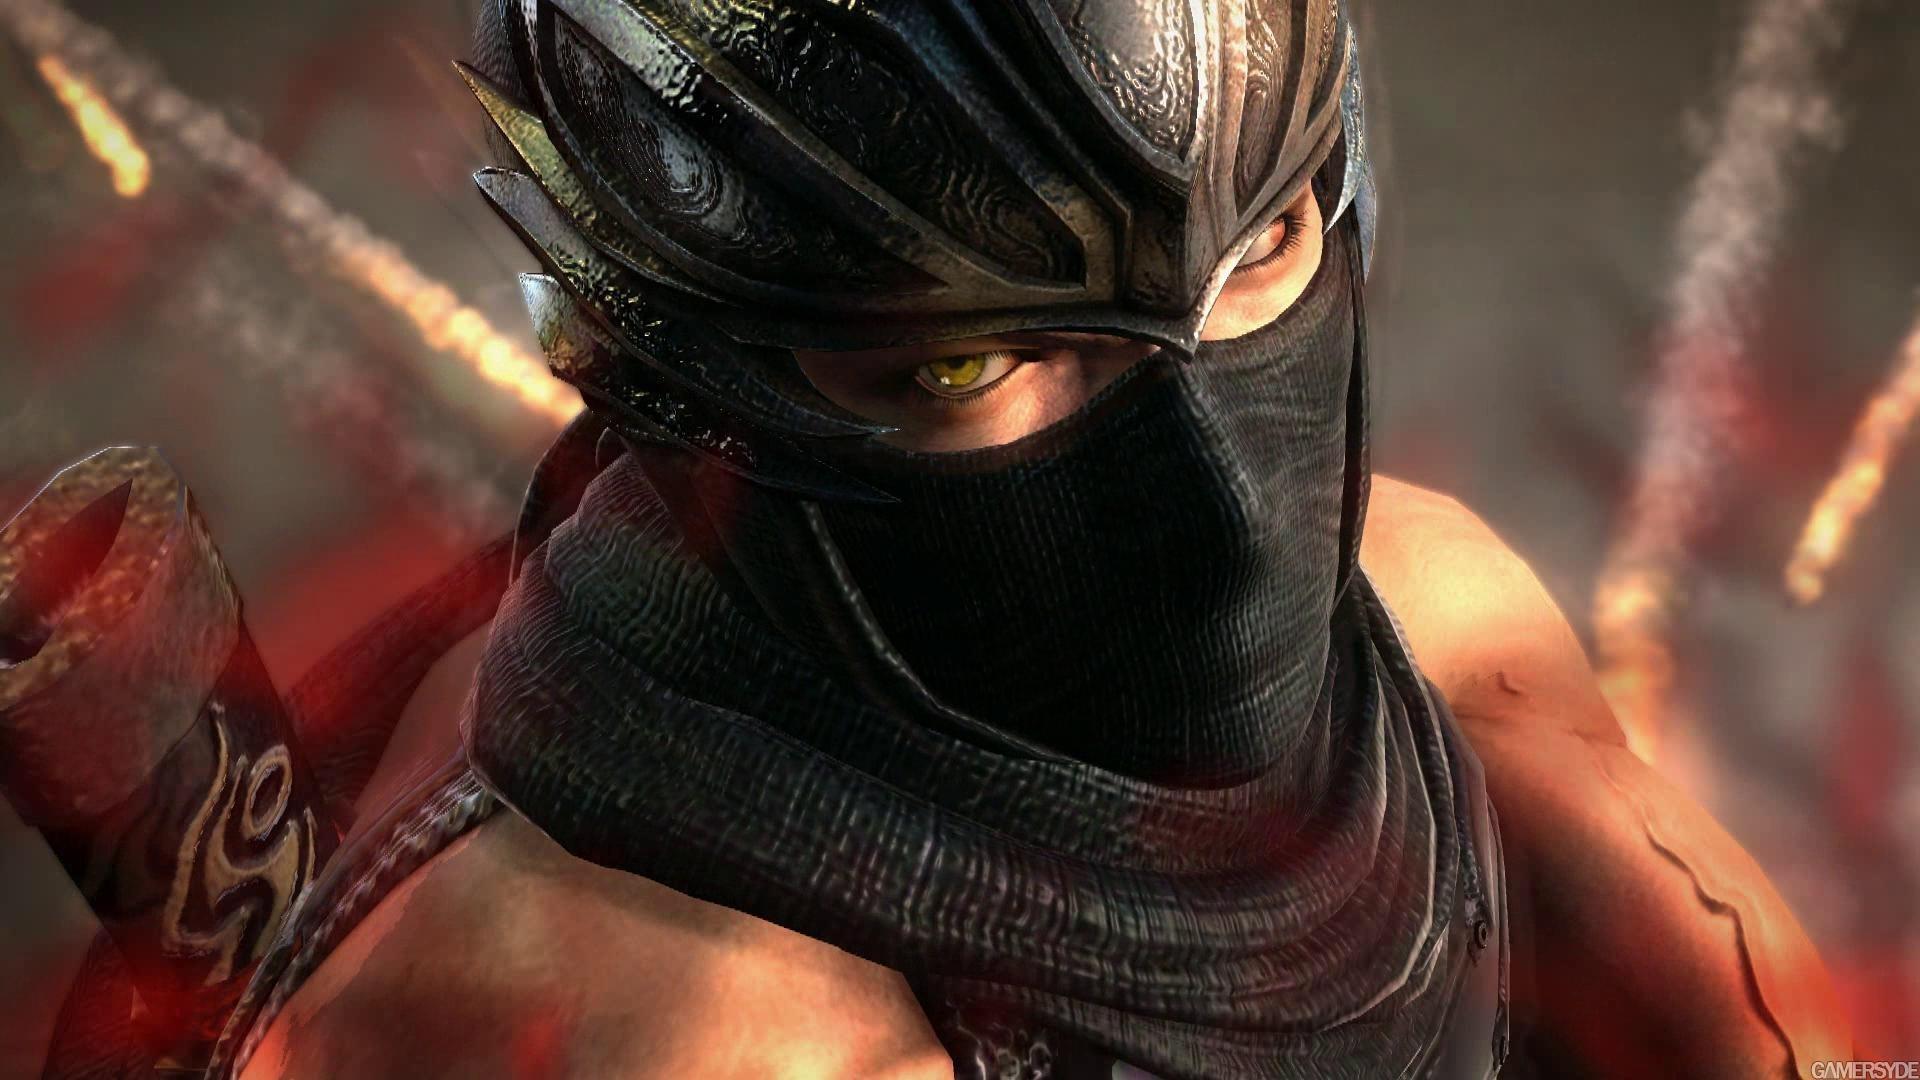 Ninja-Gaiden-3-set-as-a-Wii-U-lanch-title